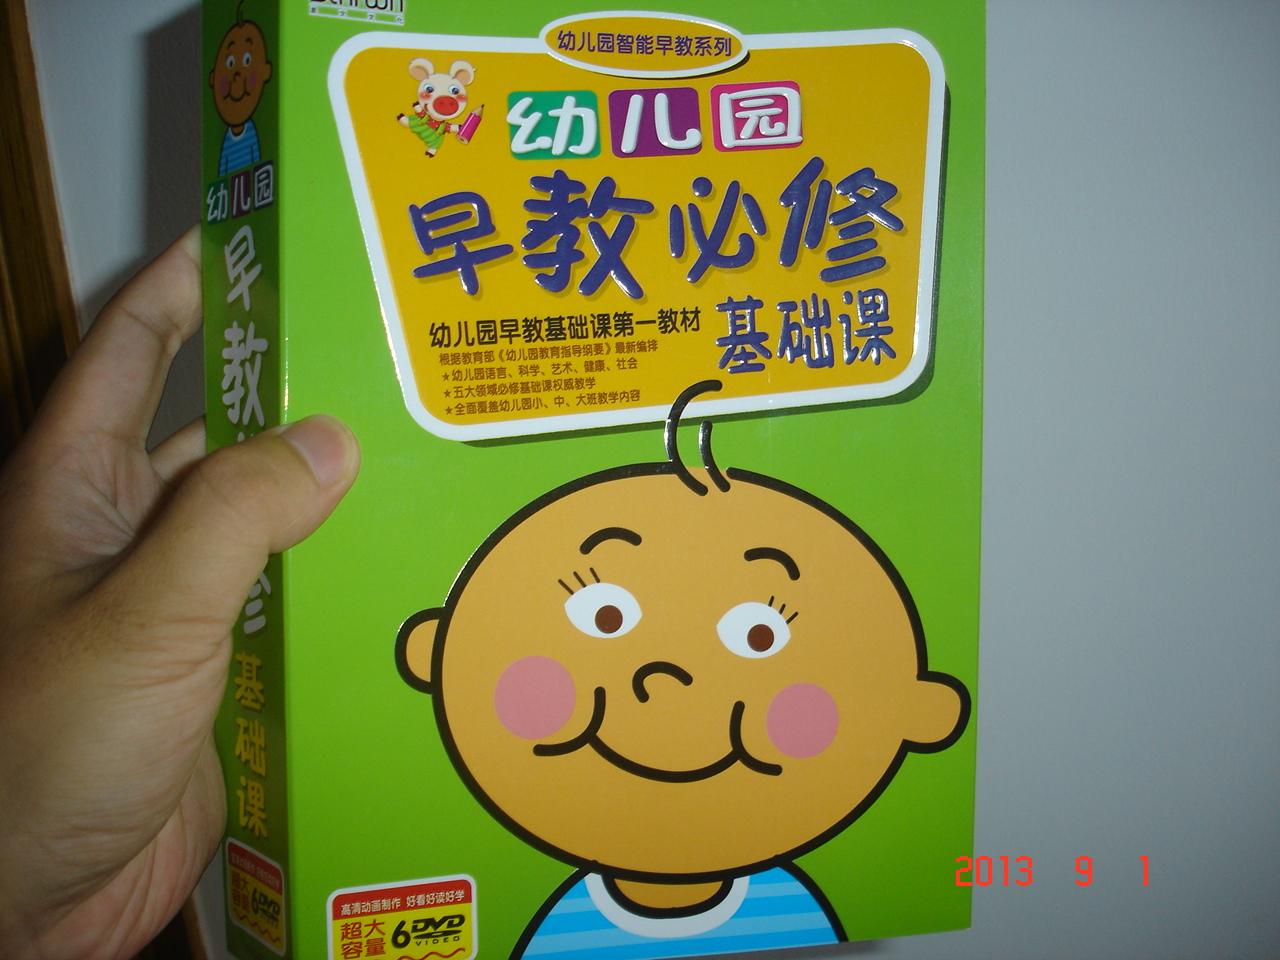 幼兒園早教必修基礎課(6DVD) 實拍圖